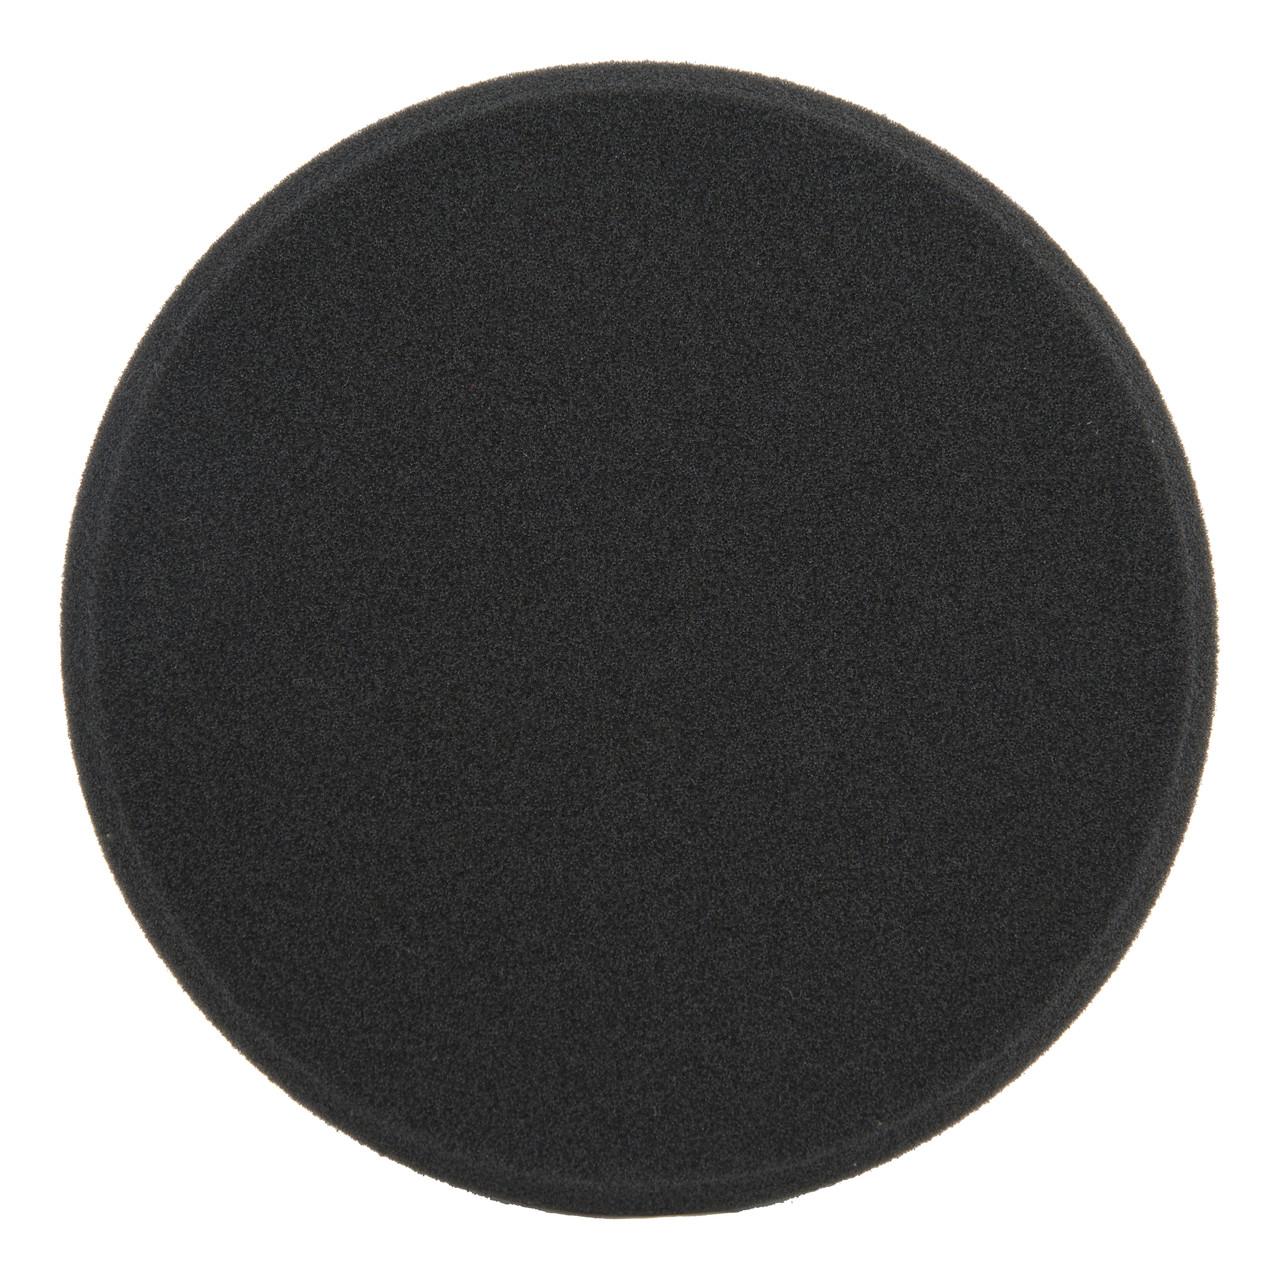 Полировальный круг мягкий - Meguiar's DA Soft Buff Foam Finishing Pad 150 мм. черный (DFF6)